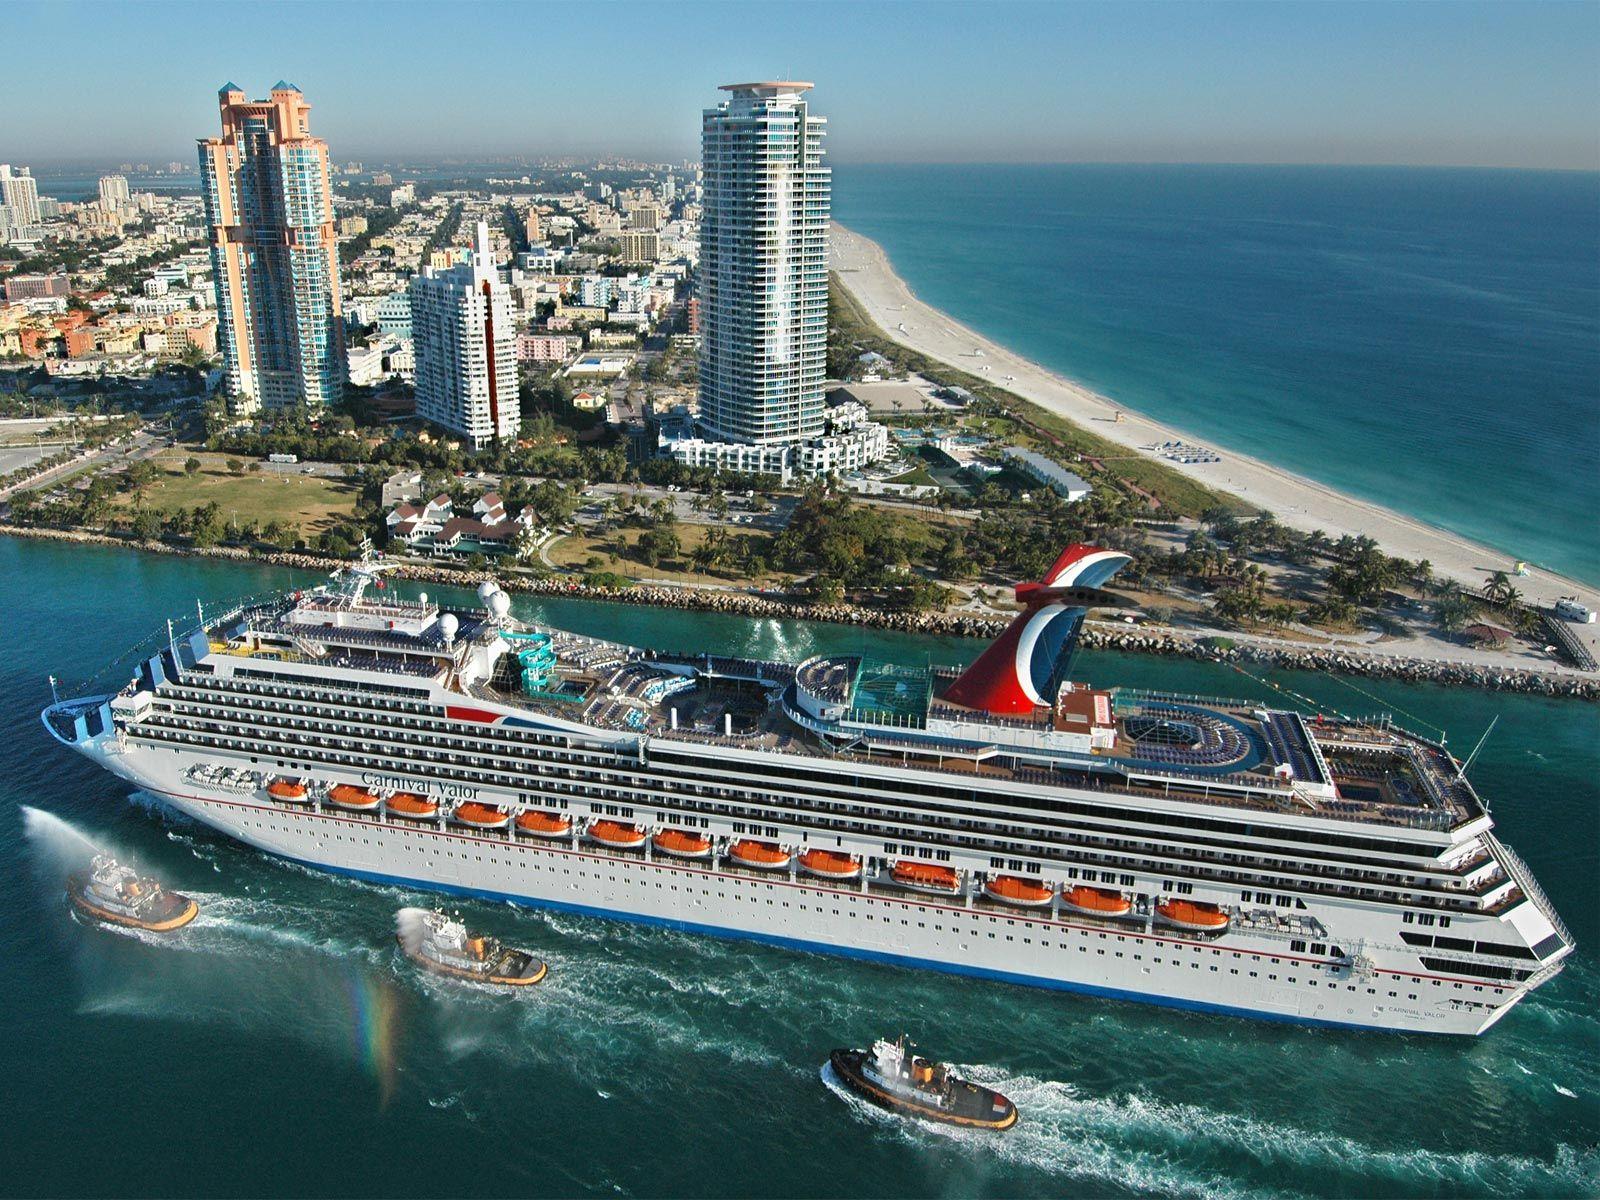 Carnival Valor  Cruise Ship  Electronic Amp Machine  Pinterest